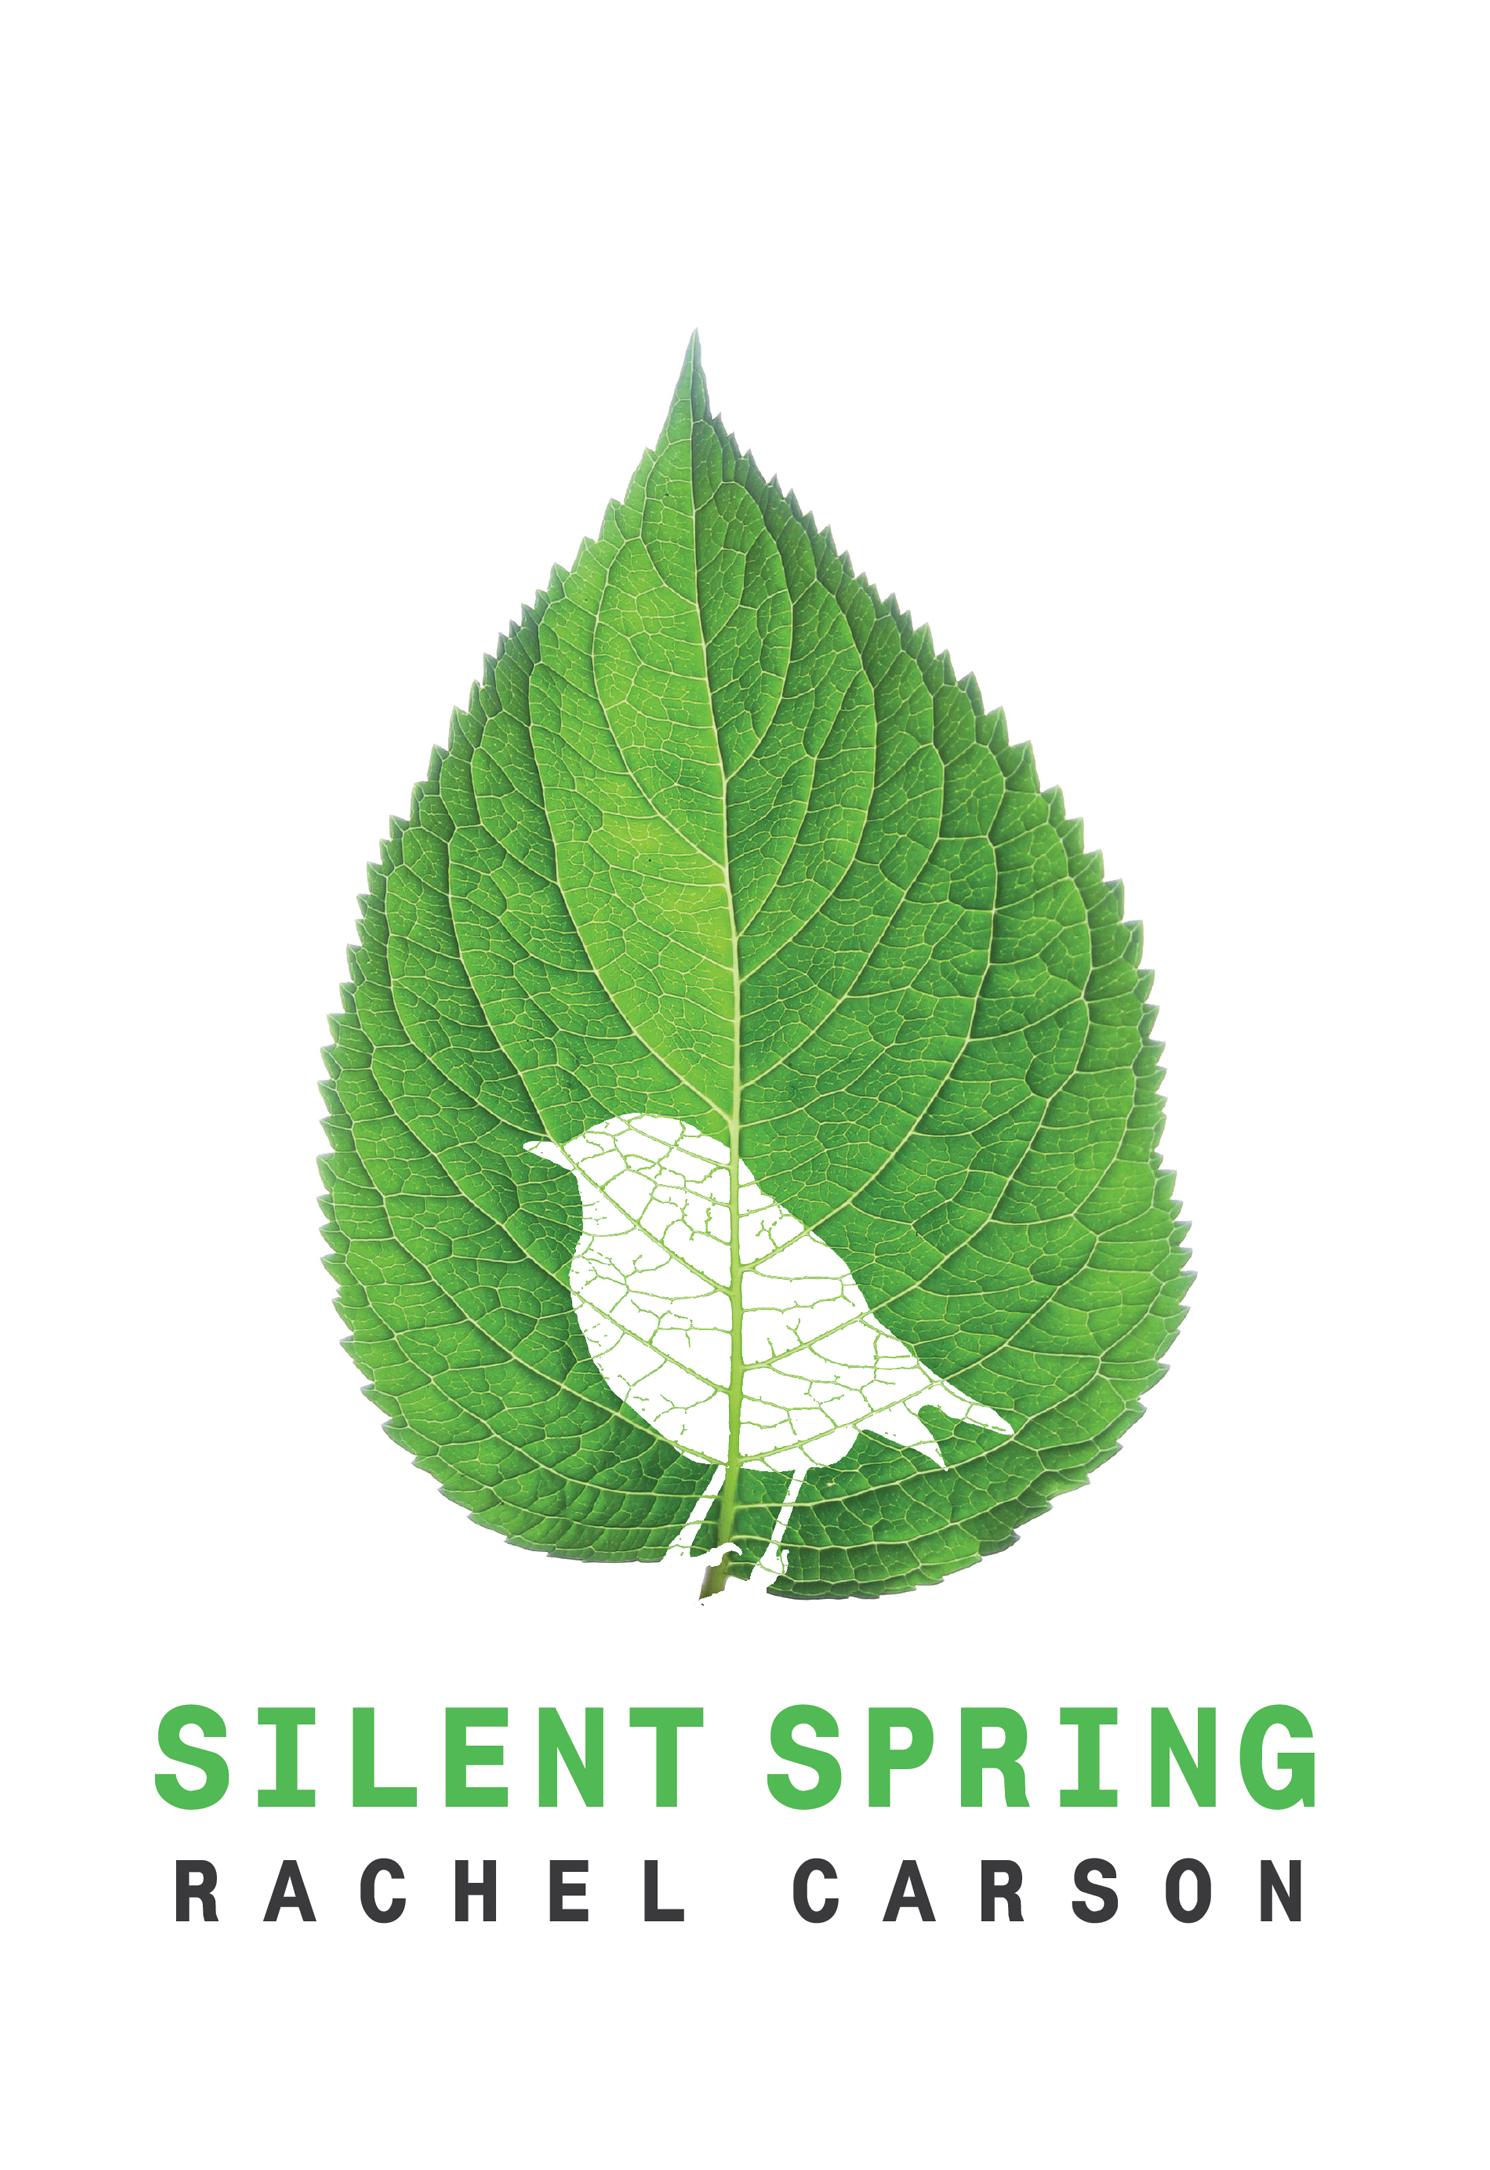 silentspring_wo.jpg